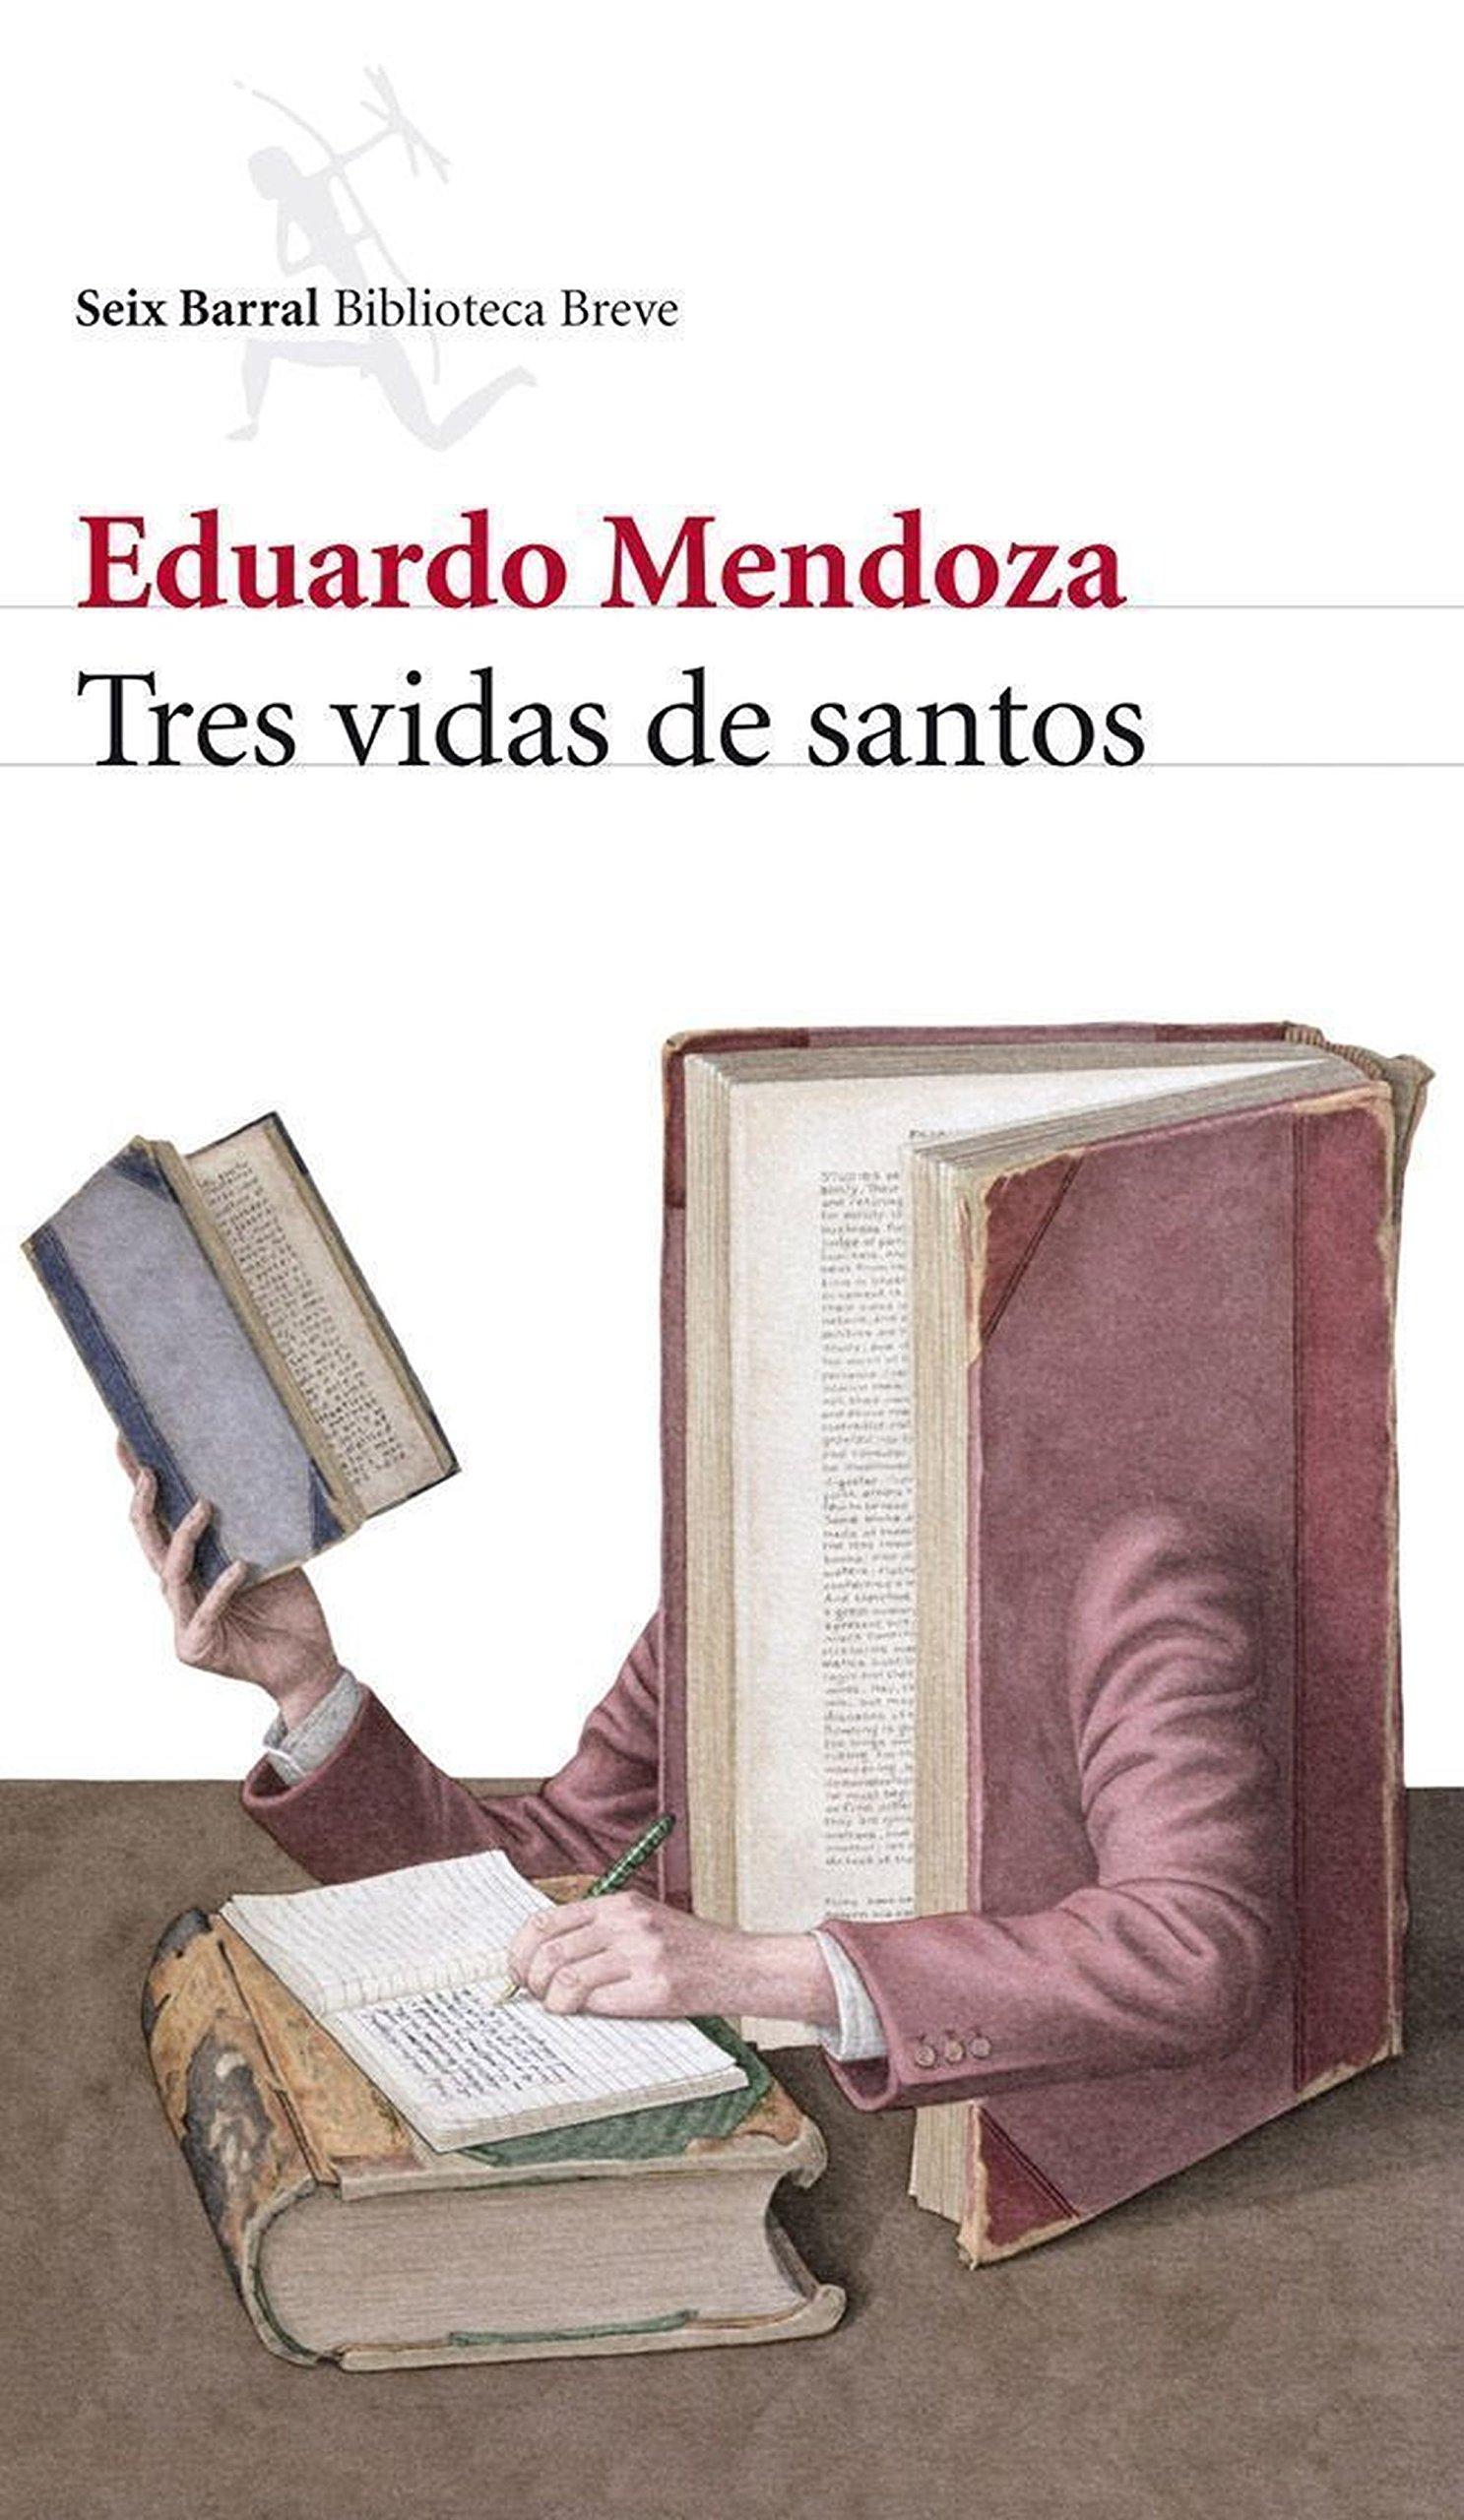 Tres vidas de santos (Volumen independiente): Amazon.es: Eduardo Mendoza: Libros